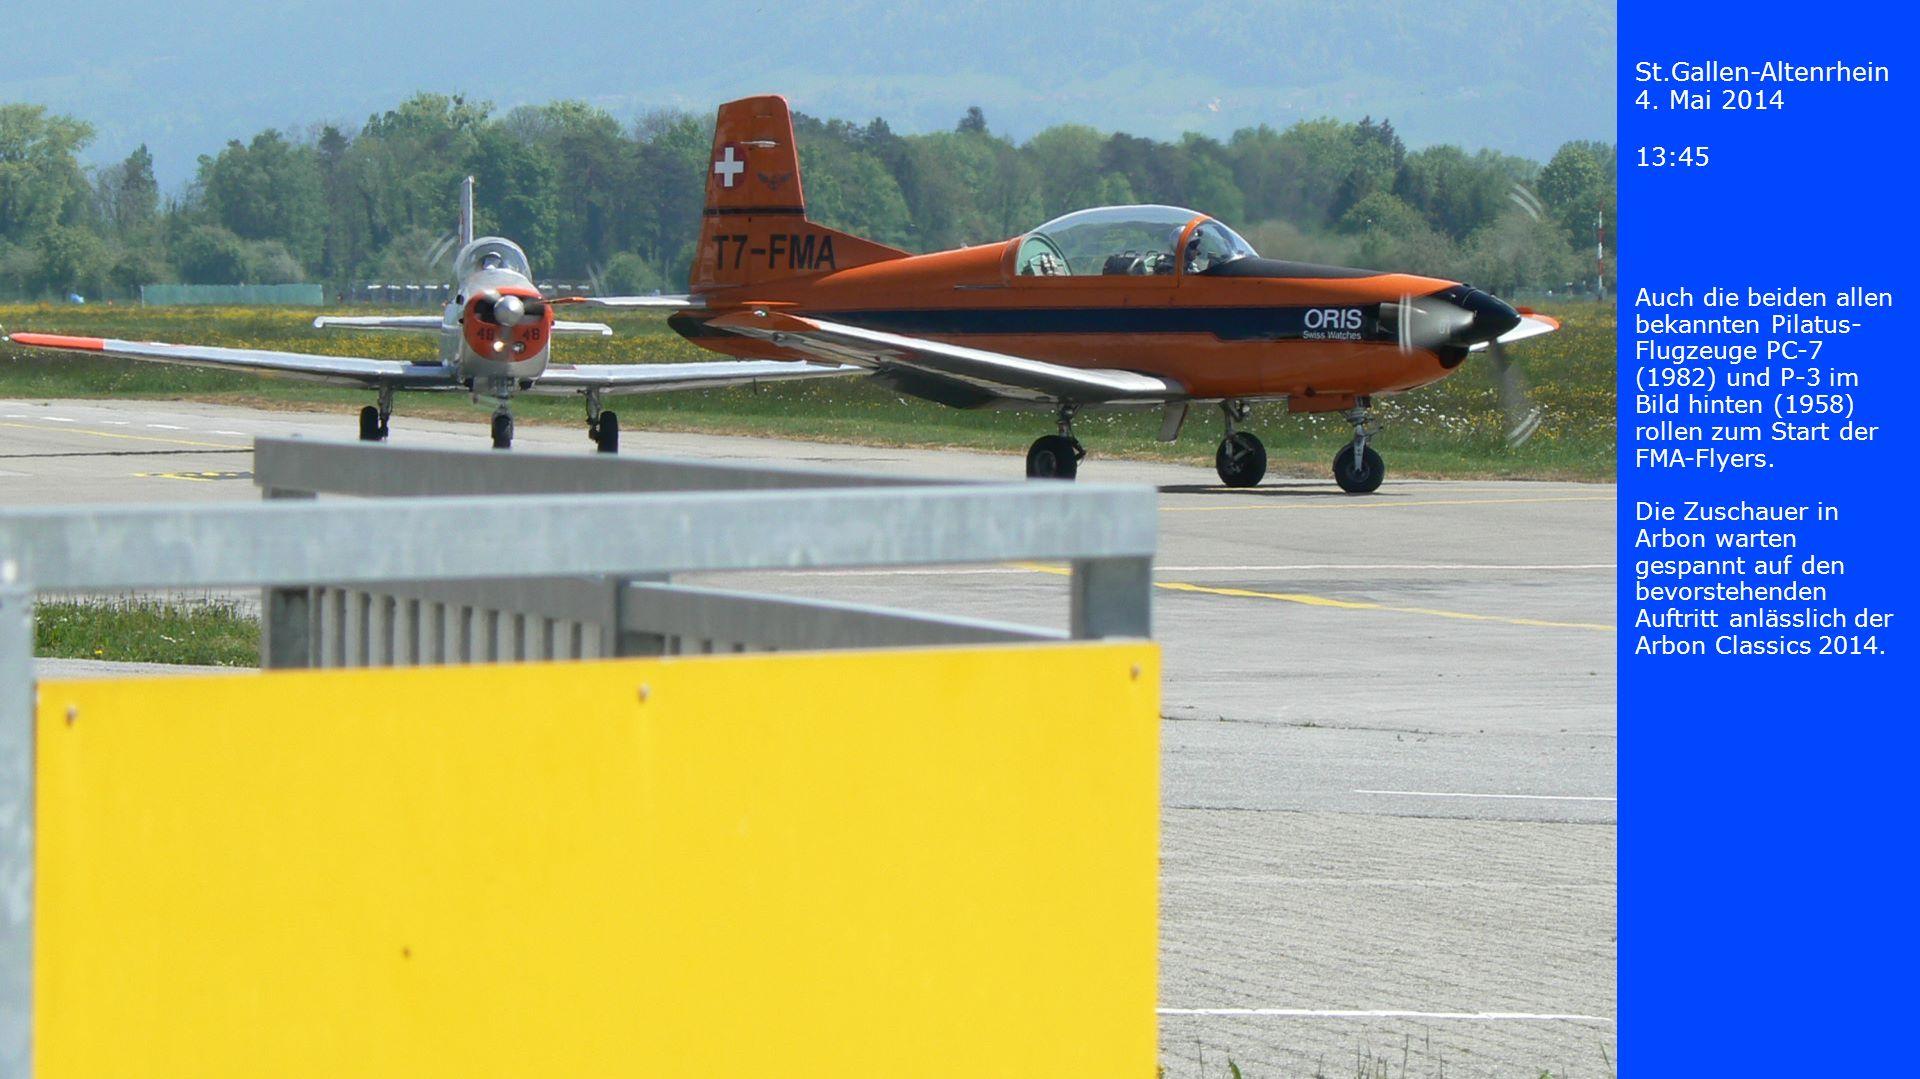 St.Gallen-Altenrhein 4. Mai 2014 13:45 Auch die beiden allen bekannten Pilatus- Flugzeuge PC-7 (1982) und P-3 im Bild hinten (1958) rollen zum Start d